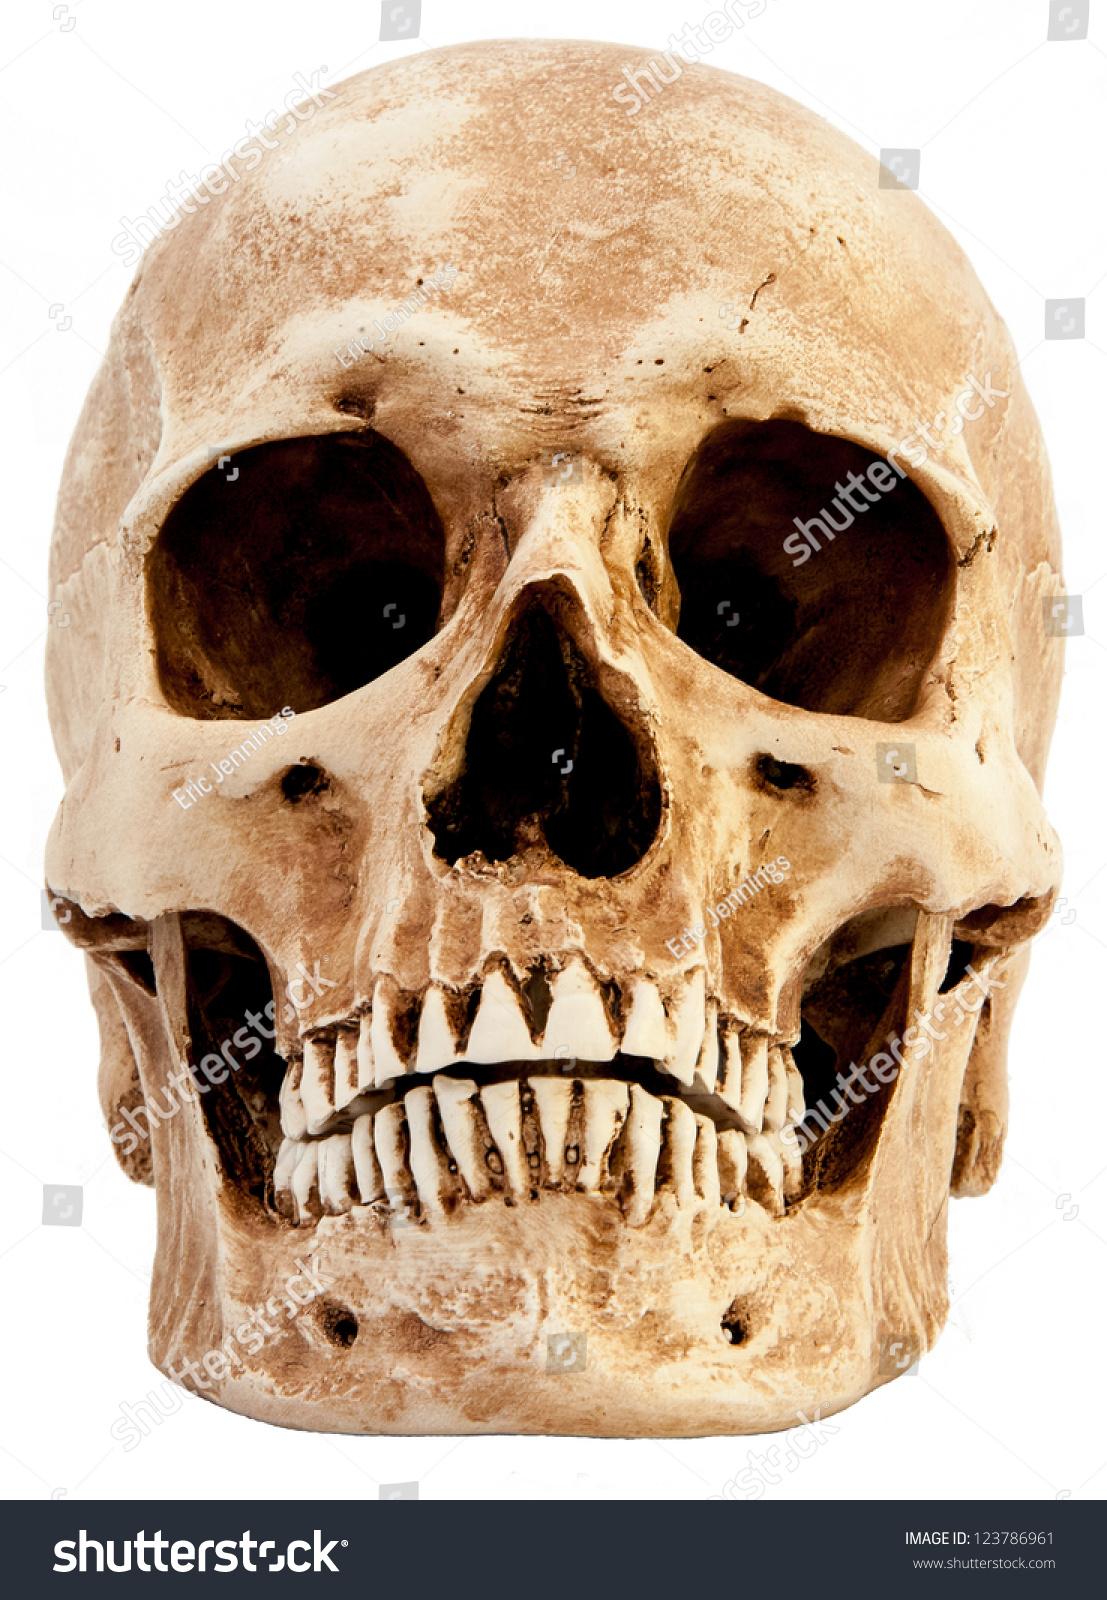 Front View Human Skull Stockfoto Jetzt Bearbeiten 123786961